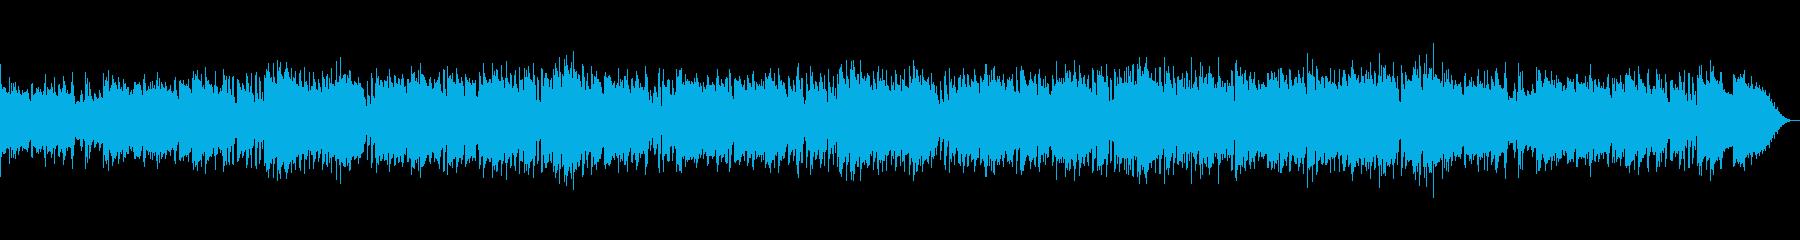 おしゃれで爽やかな夏の映像用ジャズの再生済みの波形